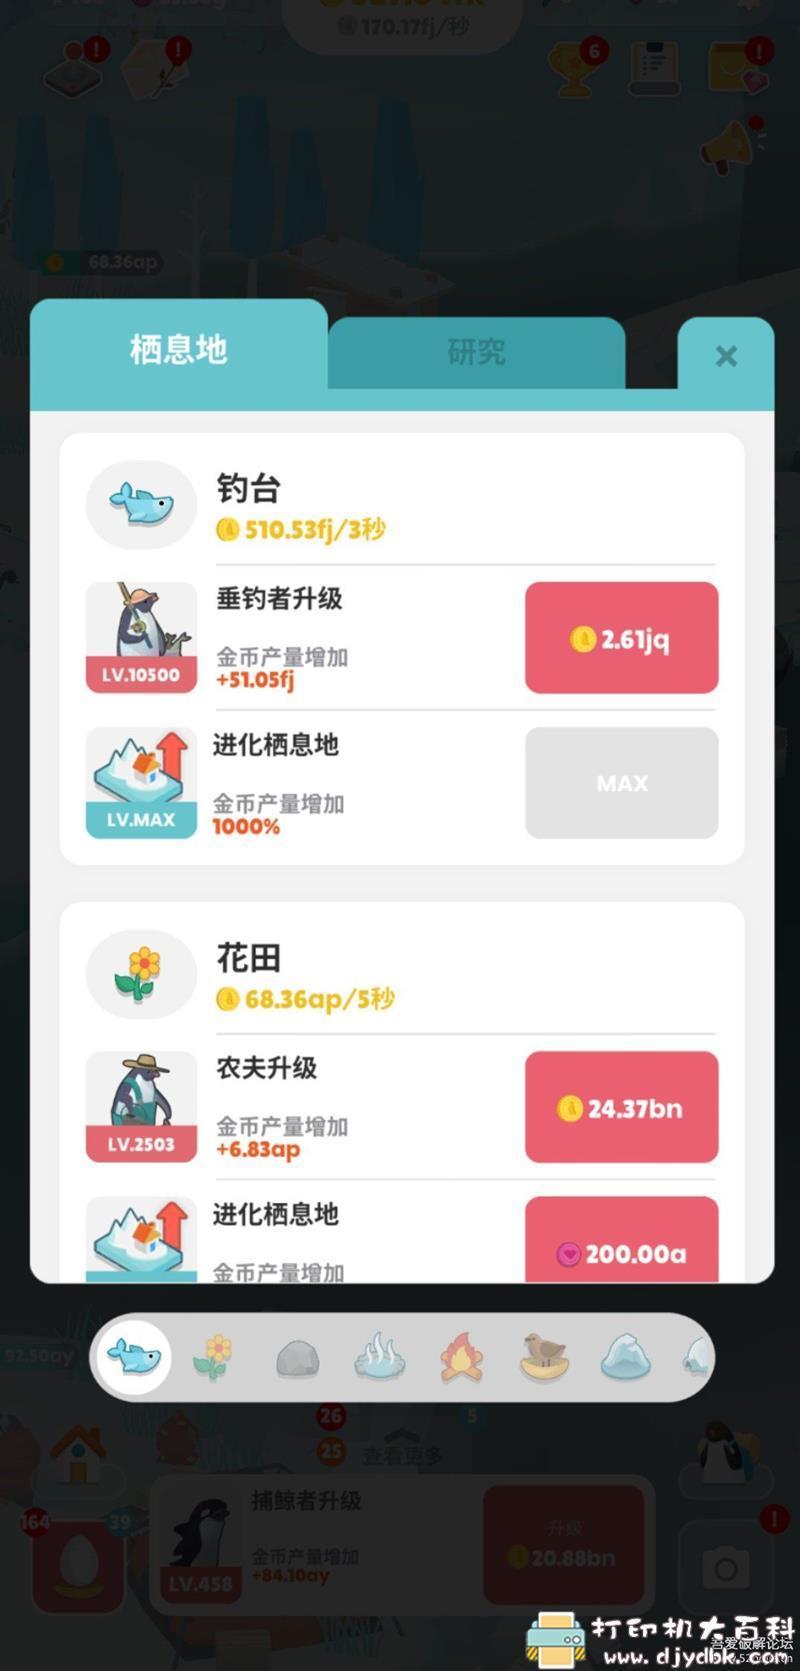 安卓游戏分享:企鹅岛Mod V1.31.4 无限钻石 金币 bug 配图 No.3